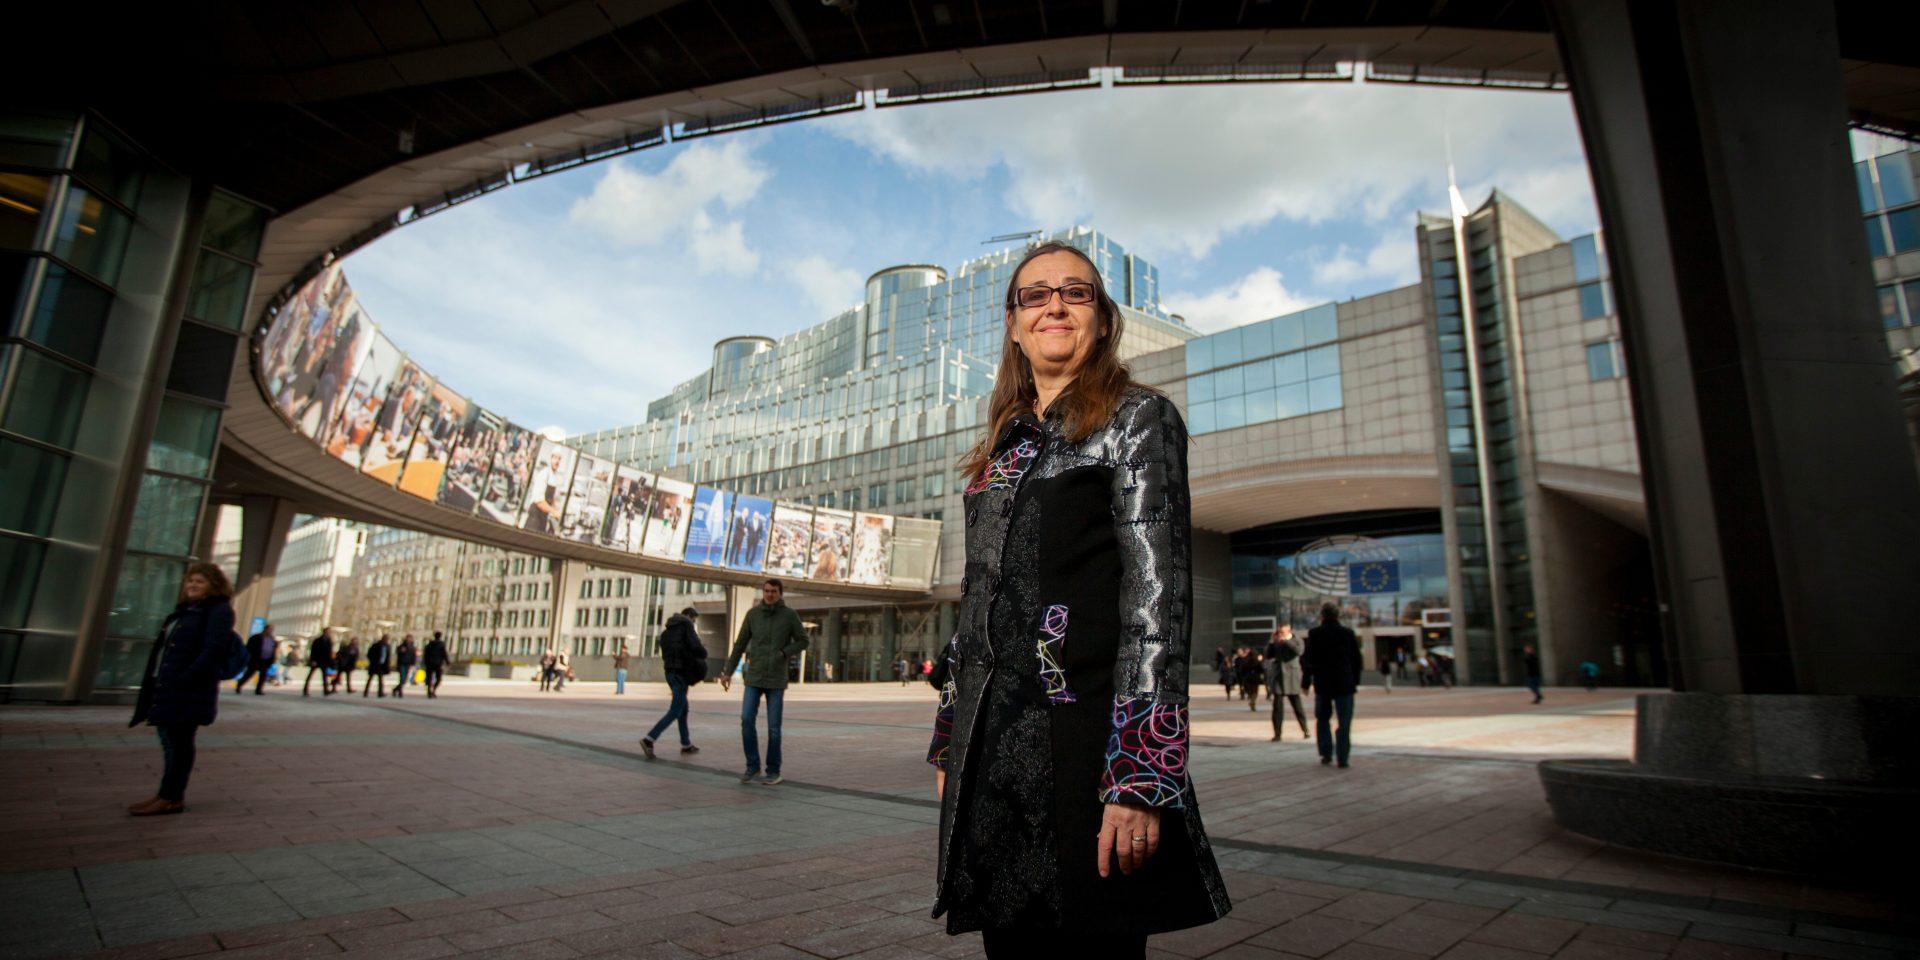 Svenska EU-parlamentarikern Bodil Valero (mp) har varit drivande i att stoppa förslaget som hon kallar olagligt.